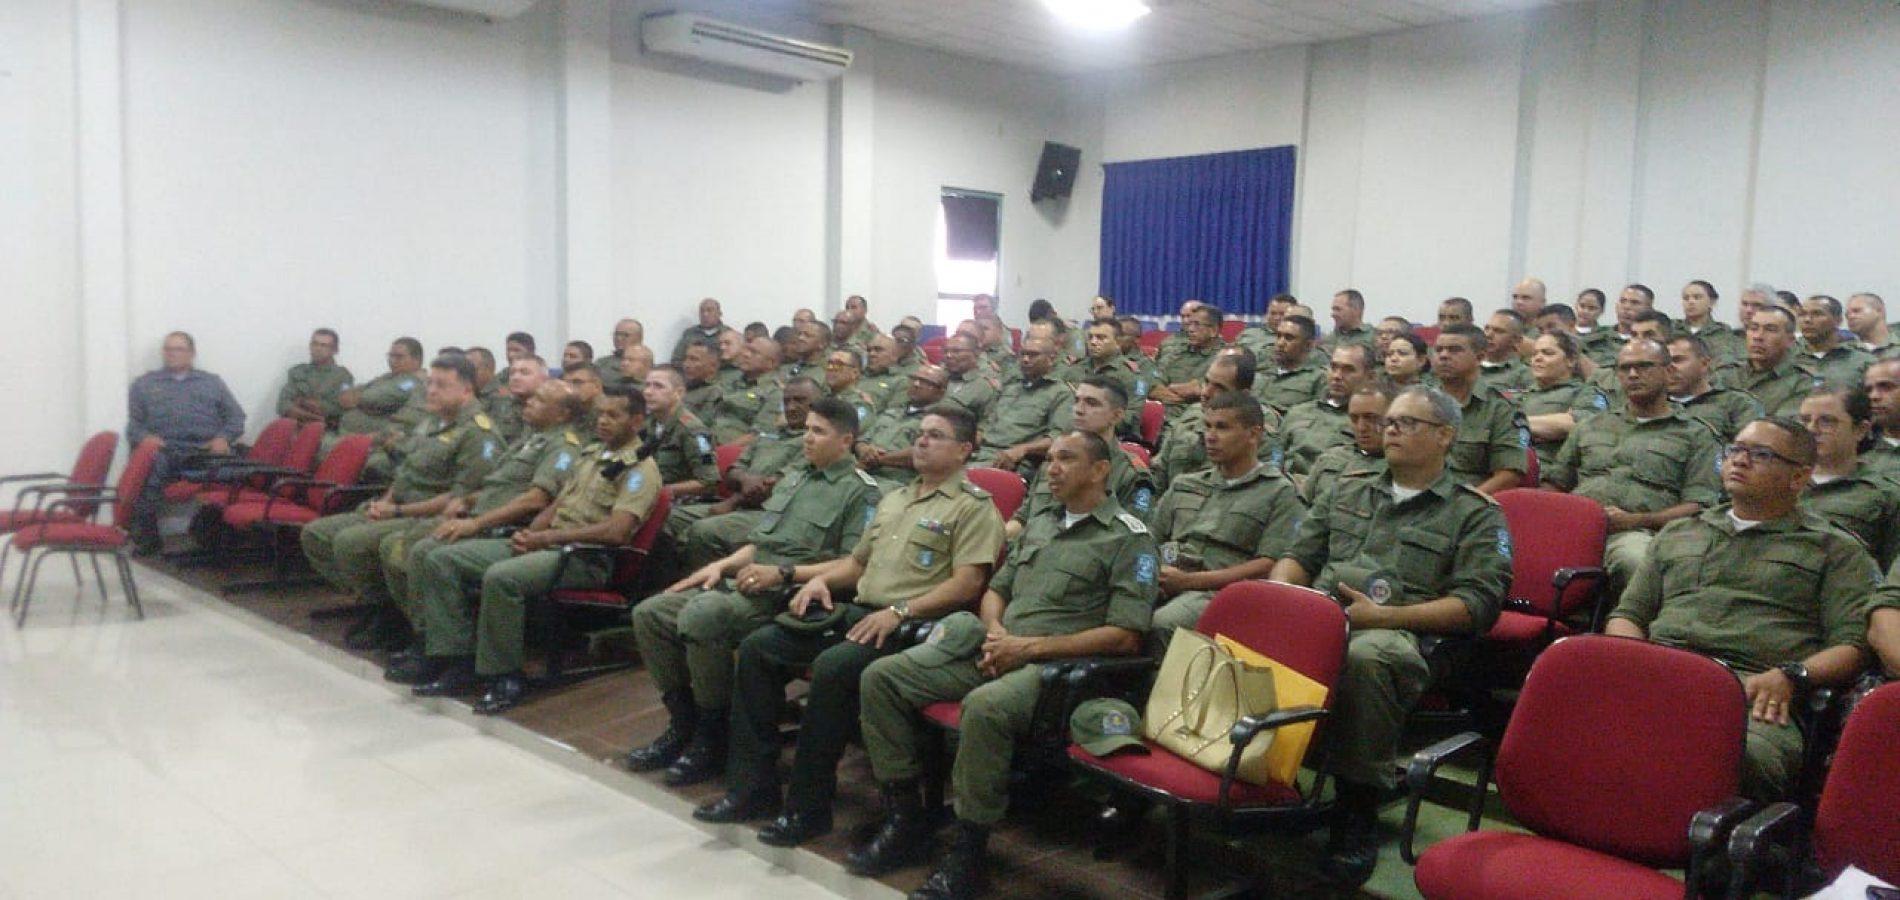 4º BPM de Picos inicia Curso de Formação para Sargentos e Cabos 2019.2